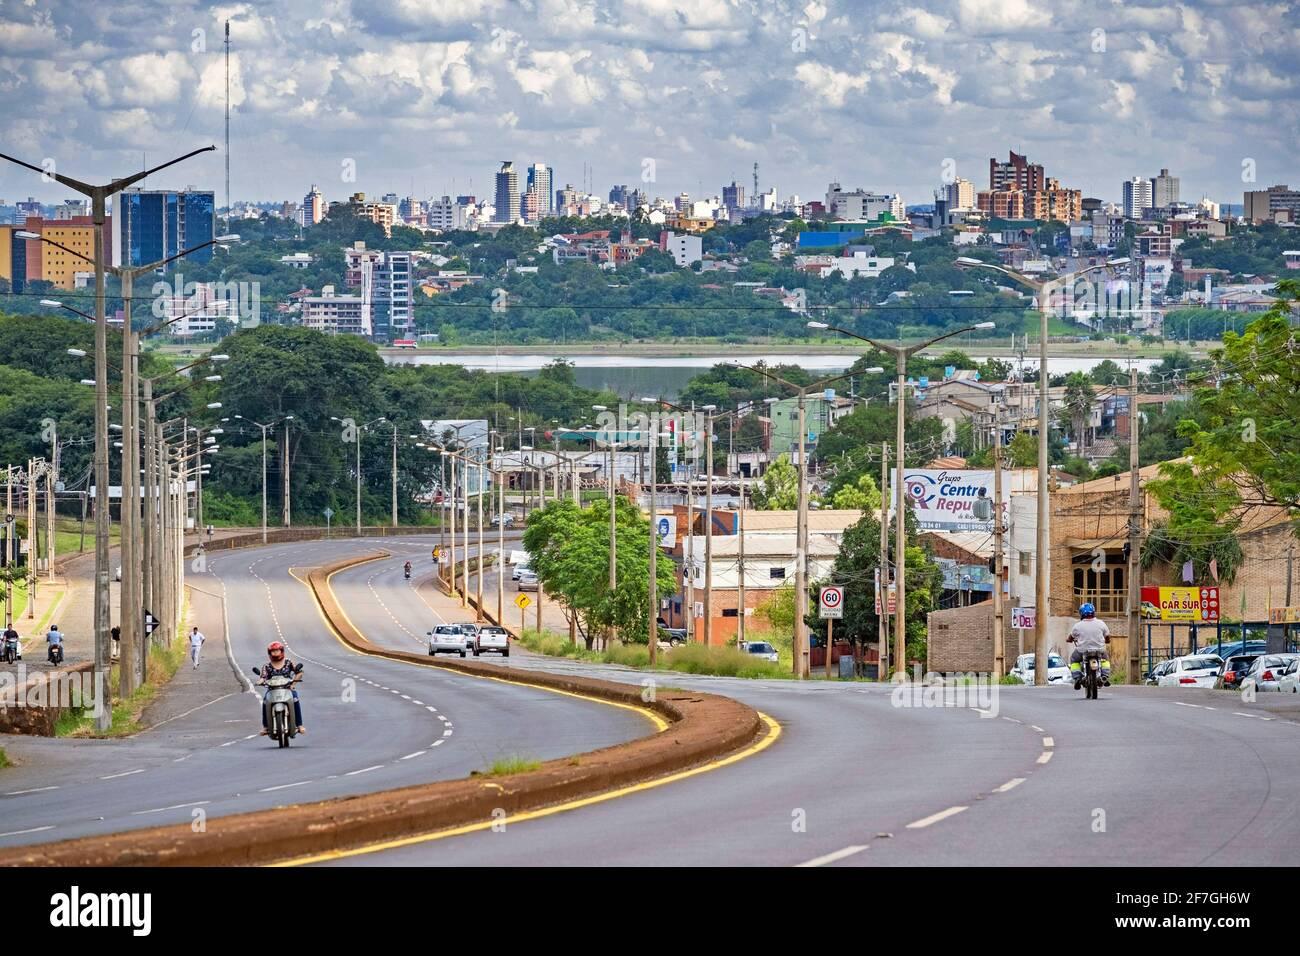 Vue sur la ville Encarnacion et la rivière Parana / Río Paraná, Itapua, Paraguay Banque D'Images